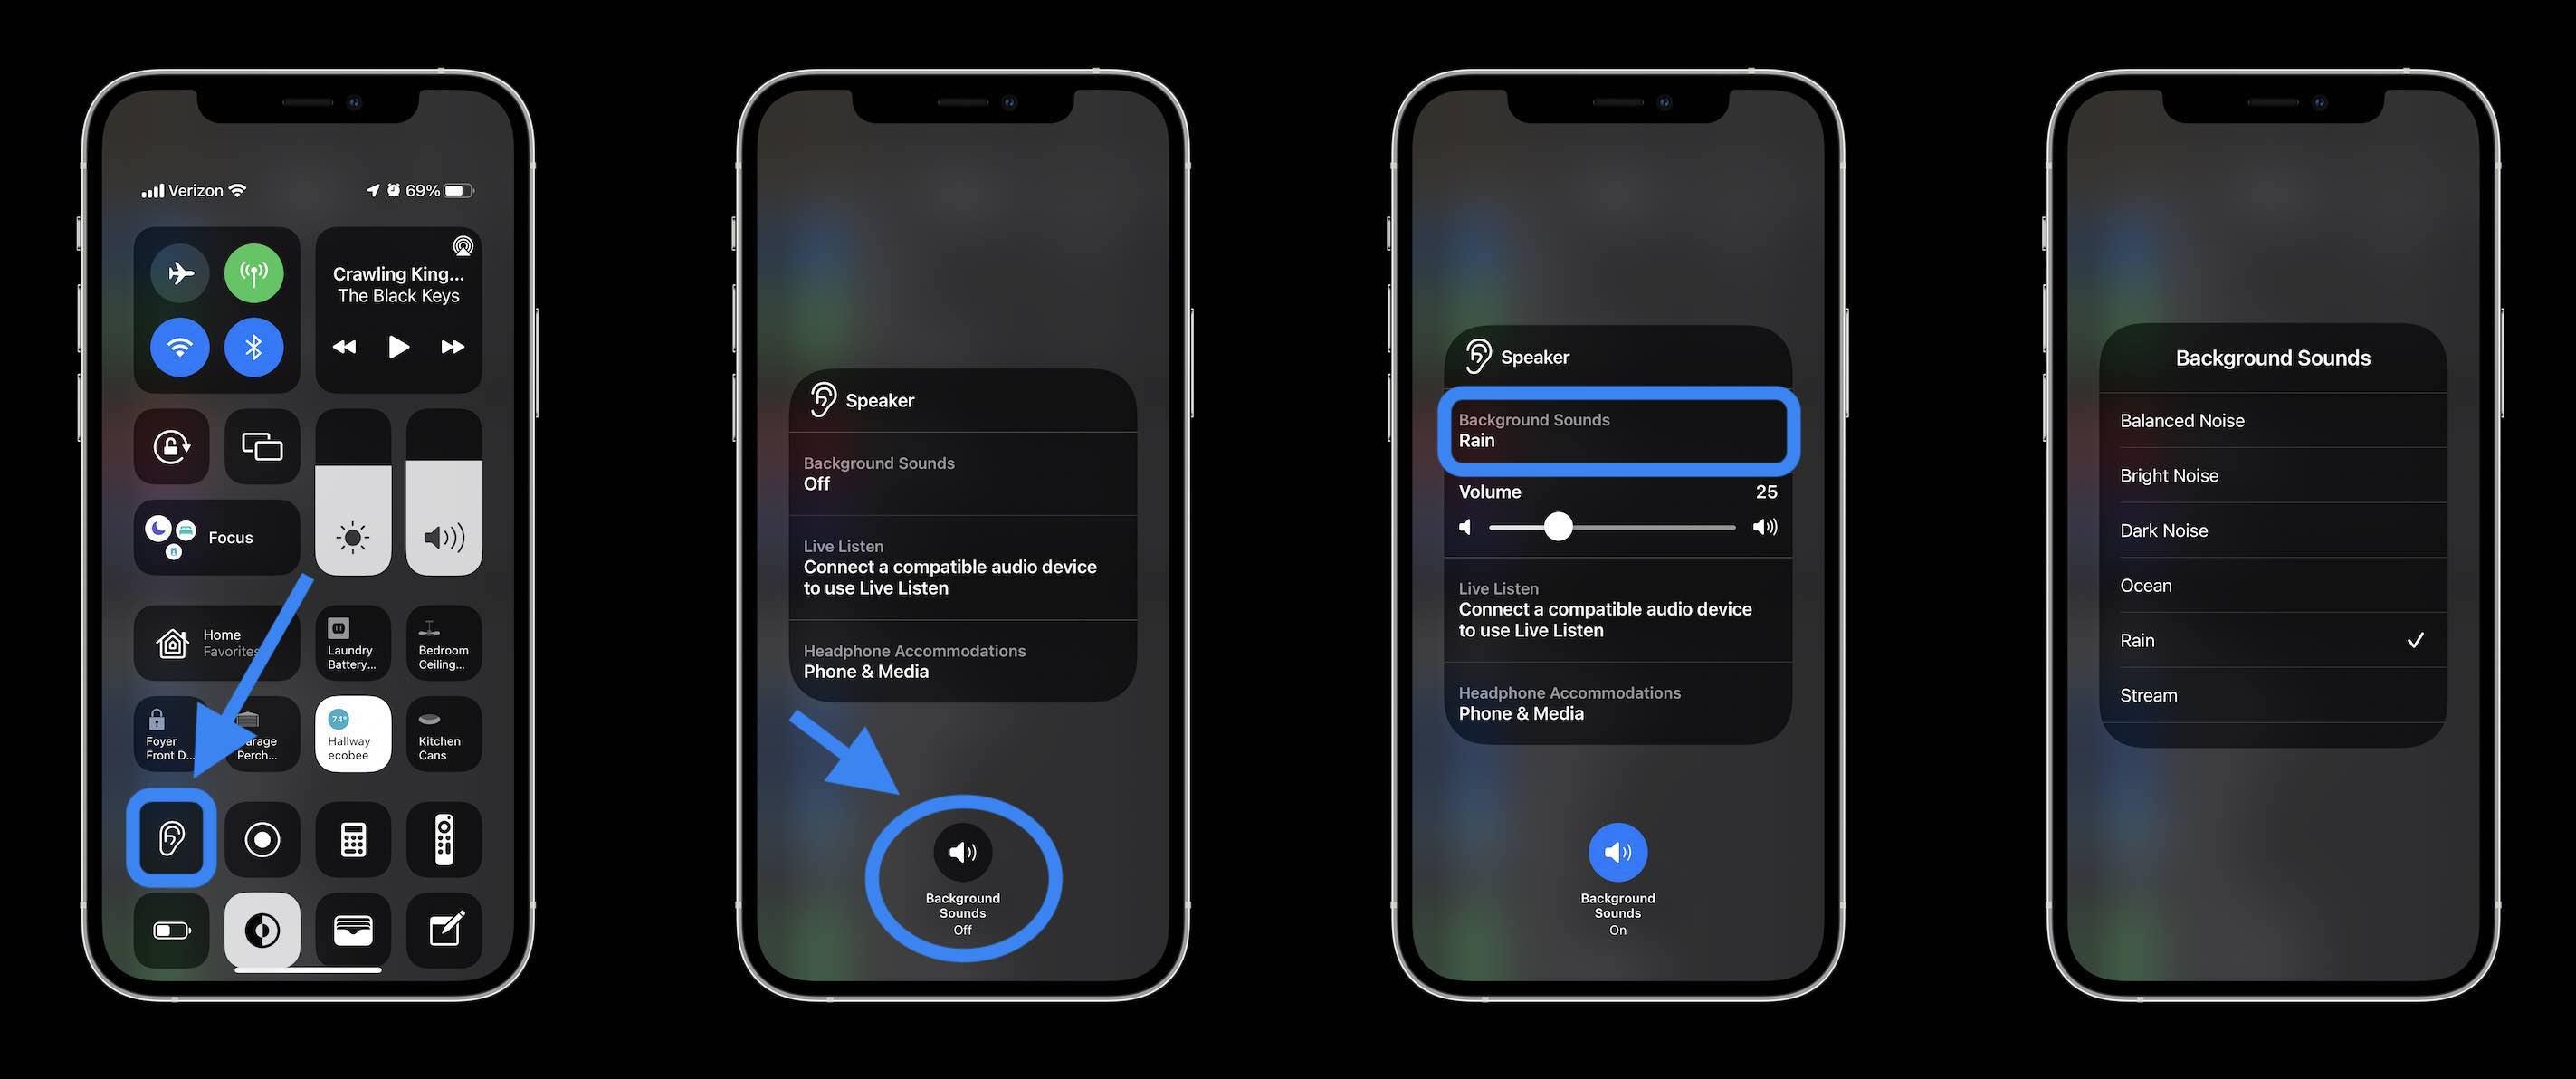 Cómo usar los sonidos de fondo del iPhone en el centro del control de iOS 15